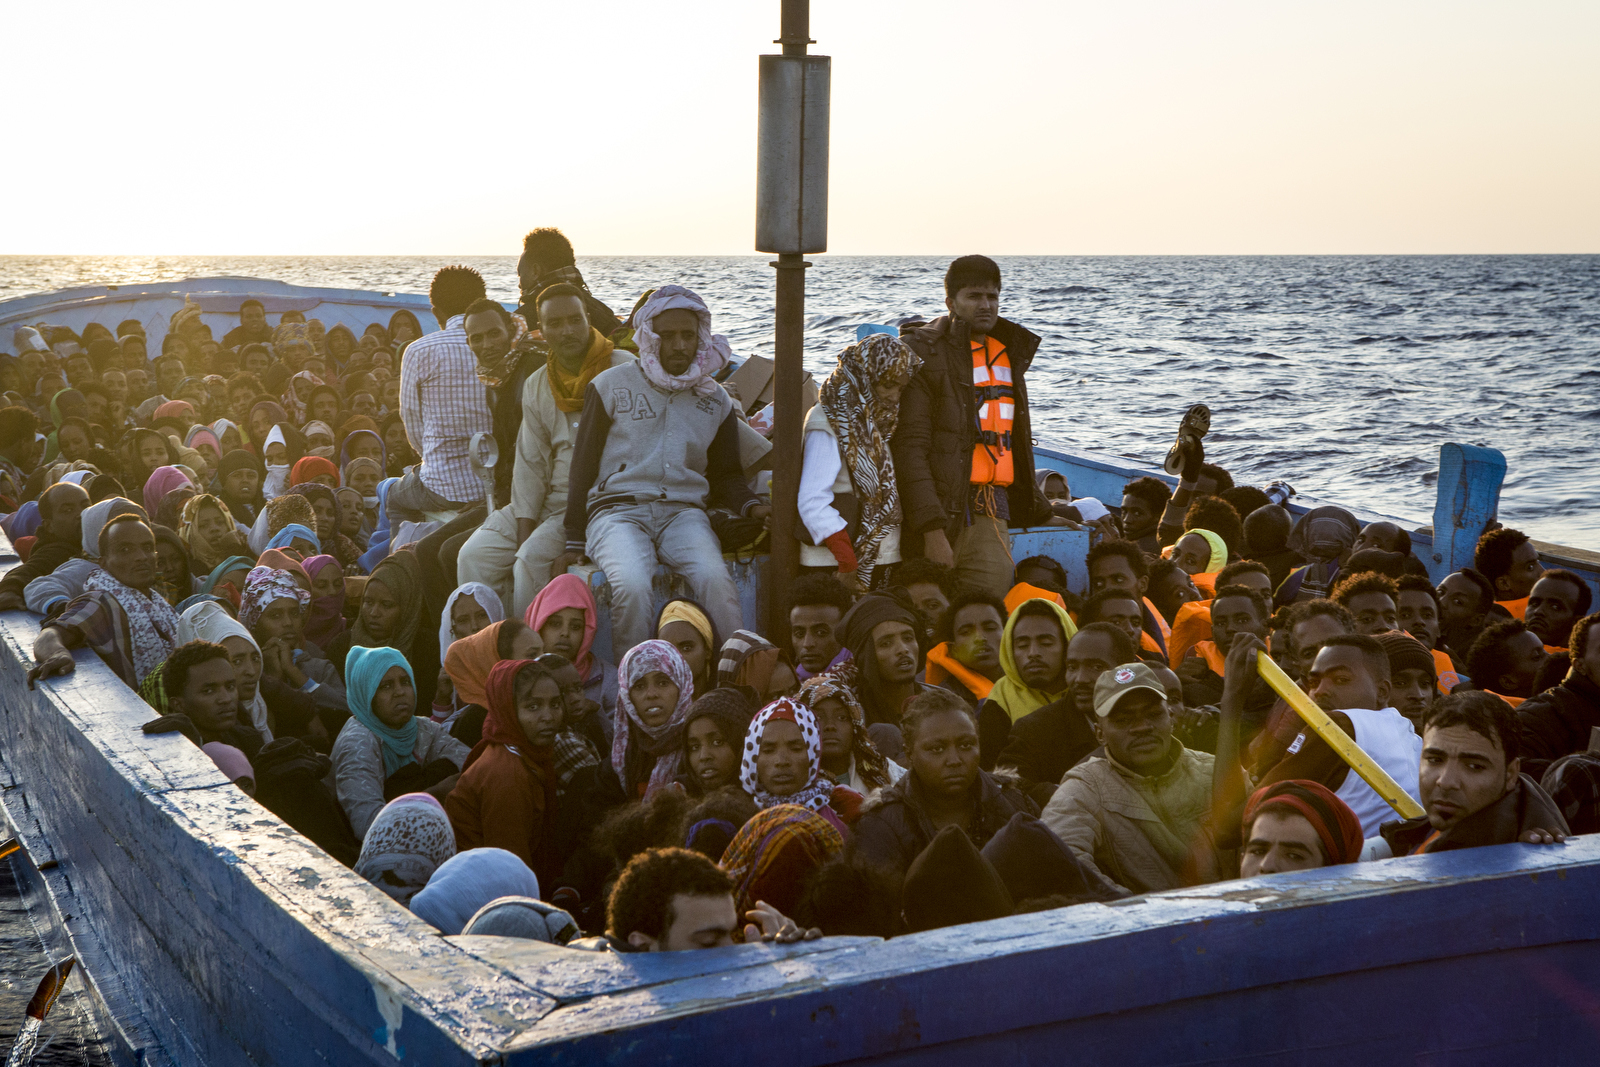 MW_MediterraneanMigration_WPPIG_0024.jpg